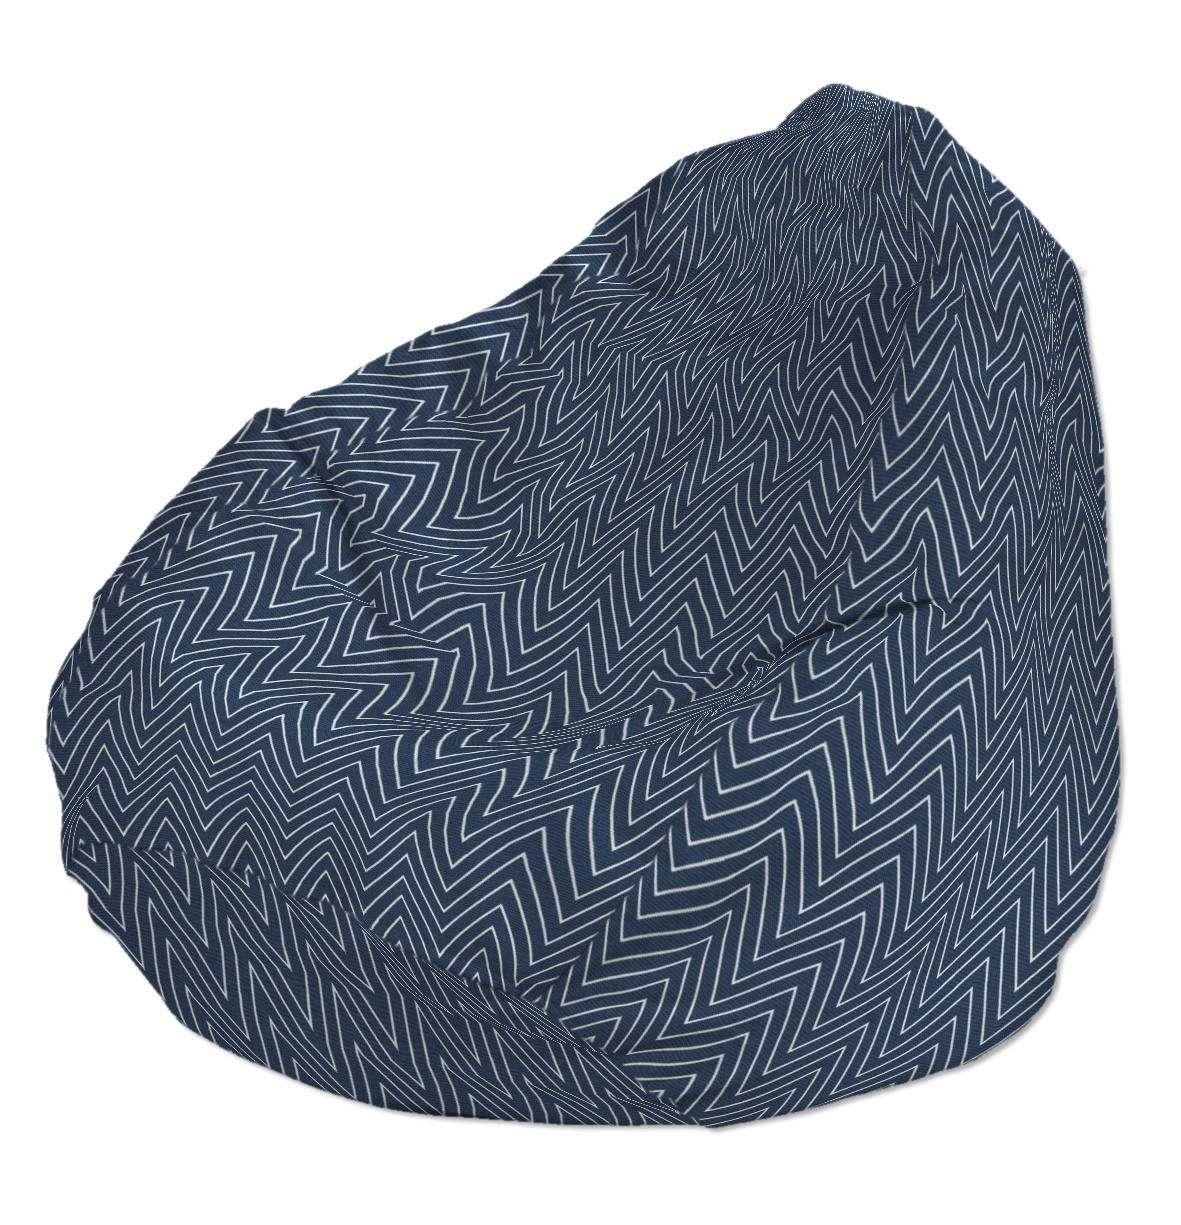 Bezug für Sitzsack Bezug für Sitzsack Ø50x85 cm von der Kollektion Brooklyn, Stoff: 137-88